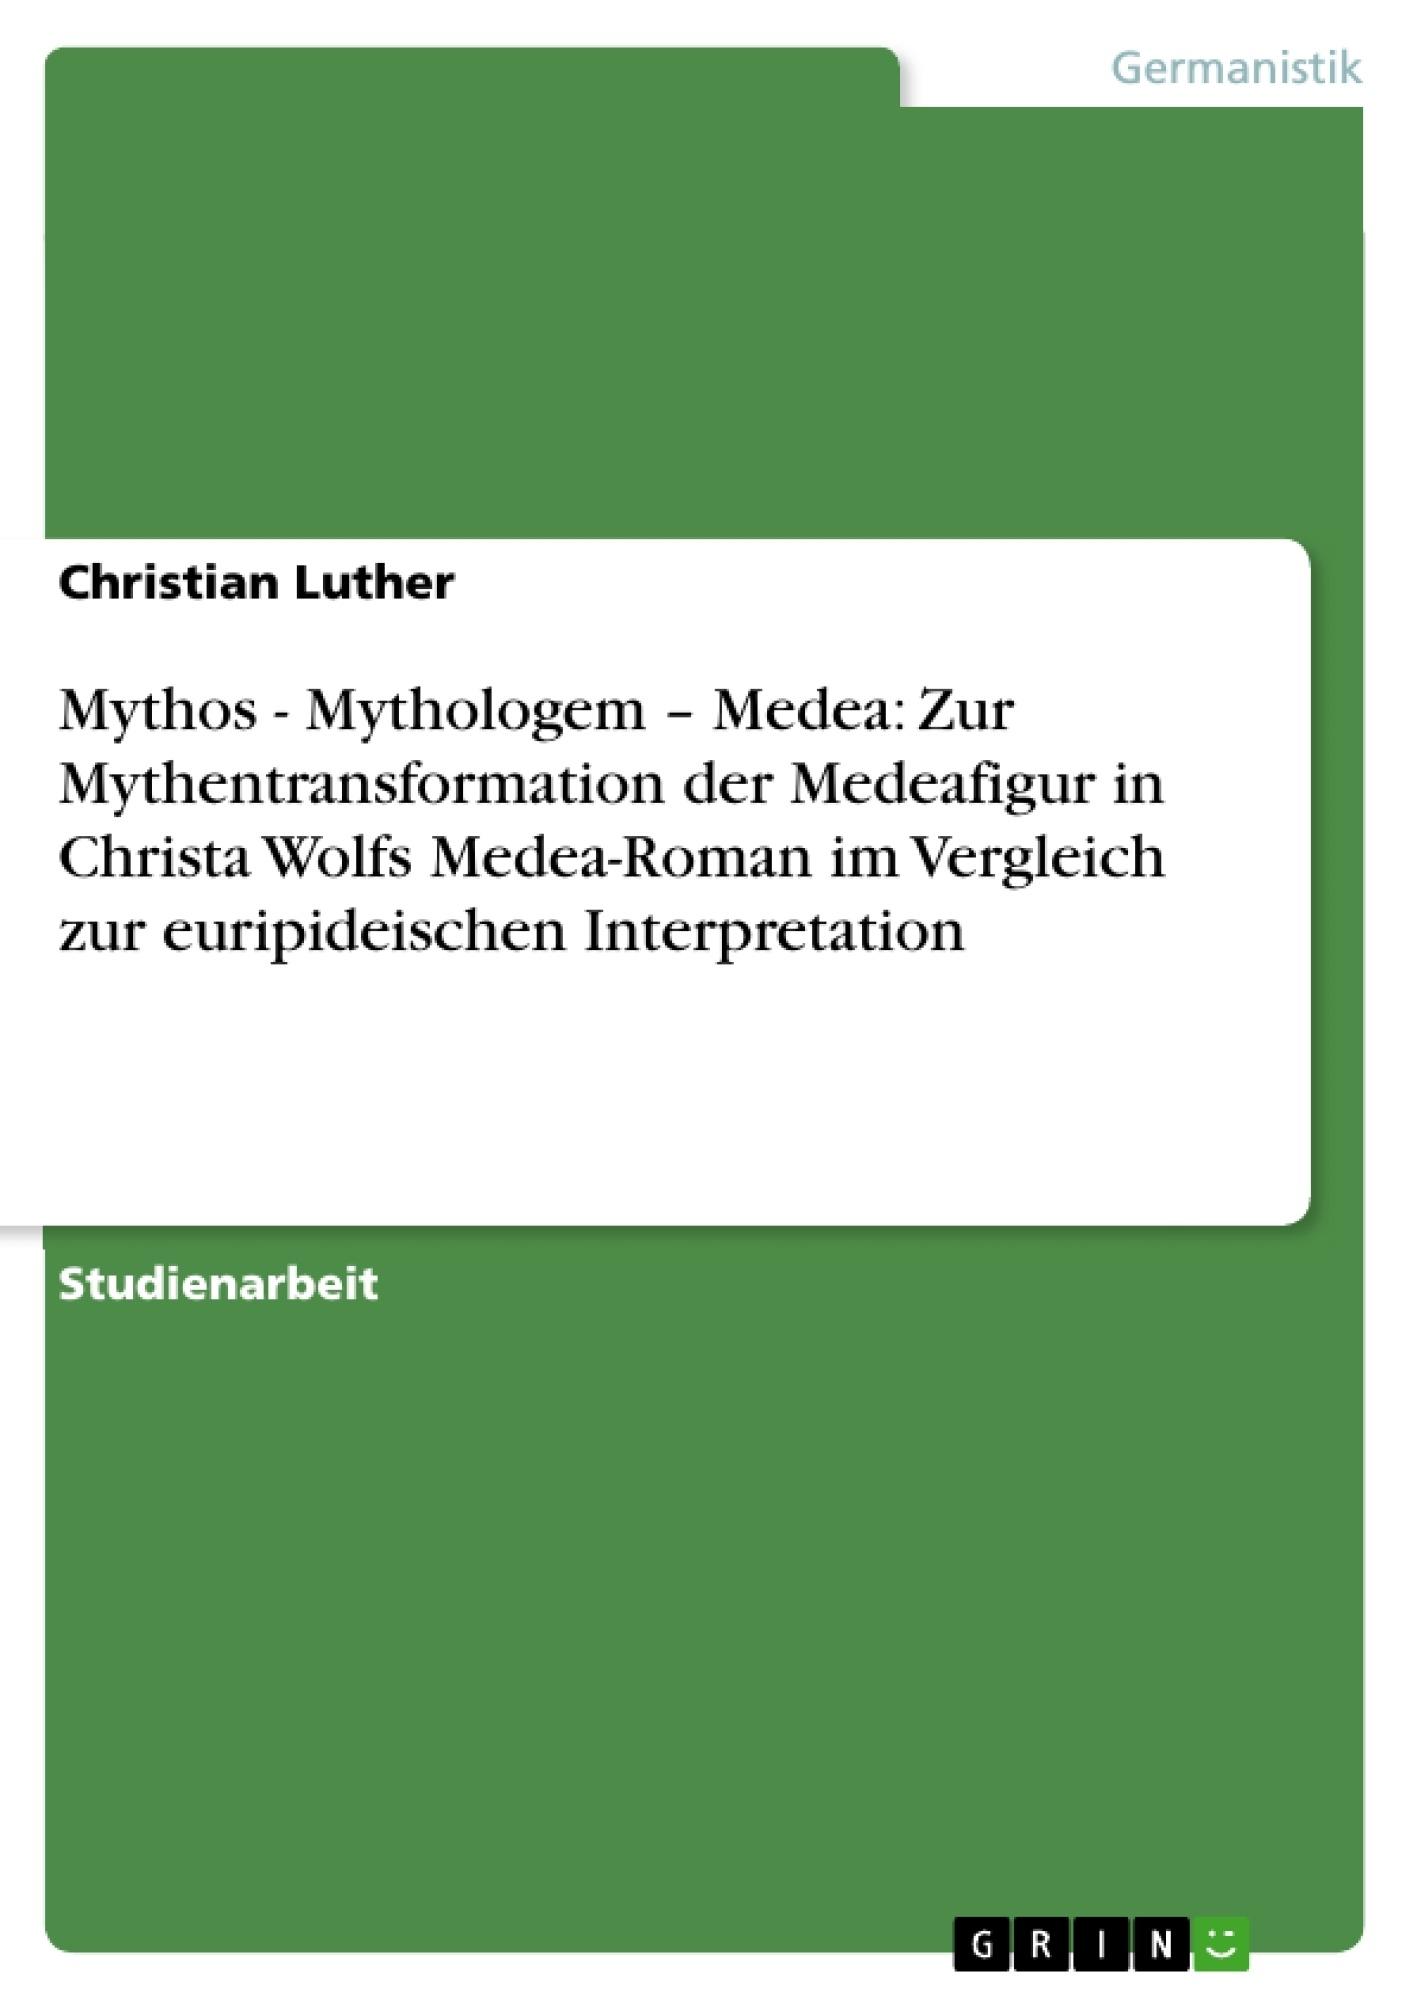 Titel: Mythos - Mythologem – Medea: Zur Mythentransformation der Medeafigur in Christa Wolfs Medea-Roman im Vergleich zur euripideischen Interpretation